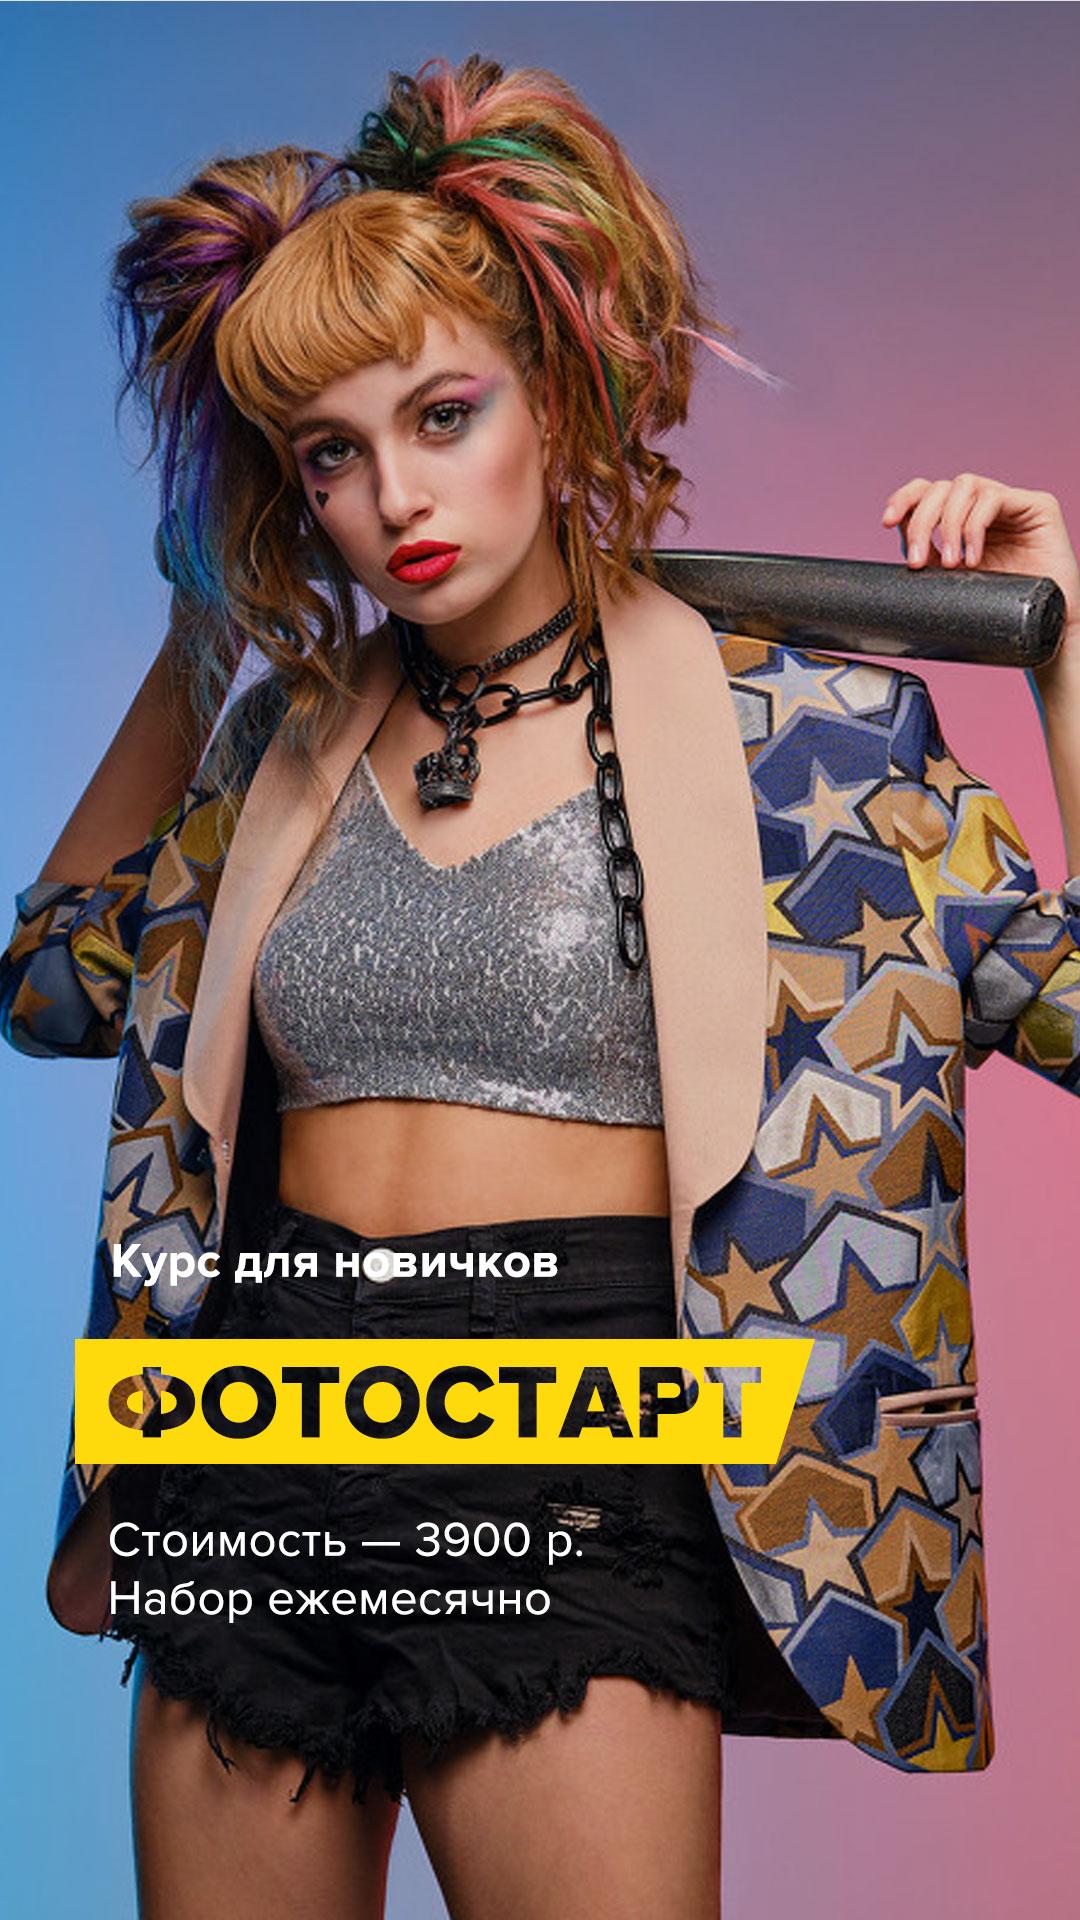 фотостарт - курс для новичков в Казани